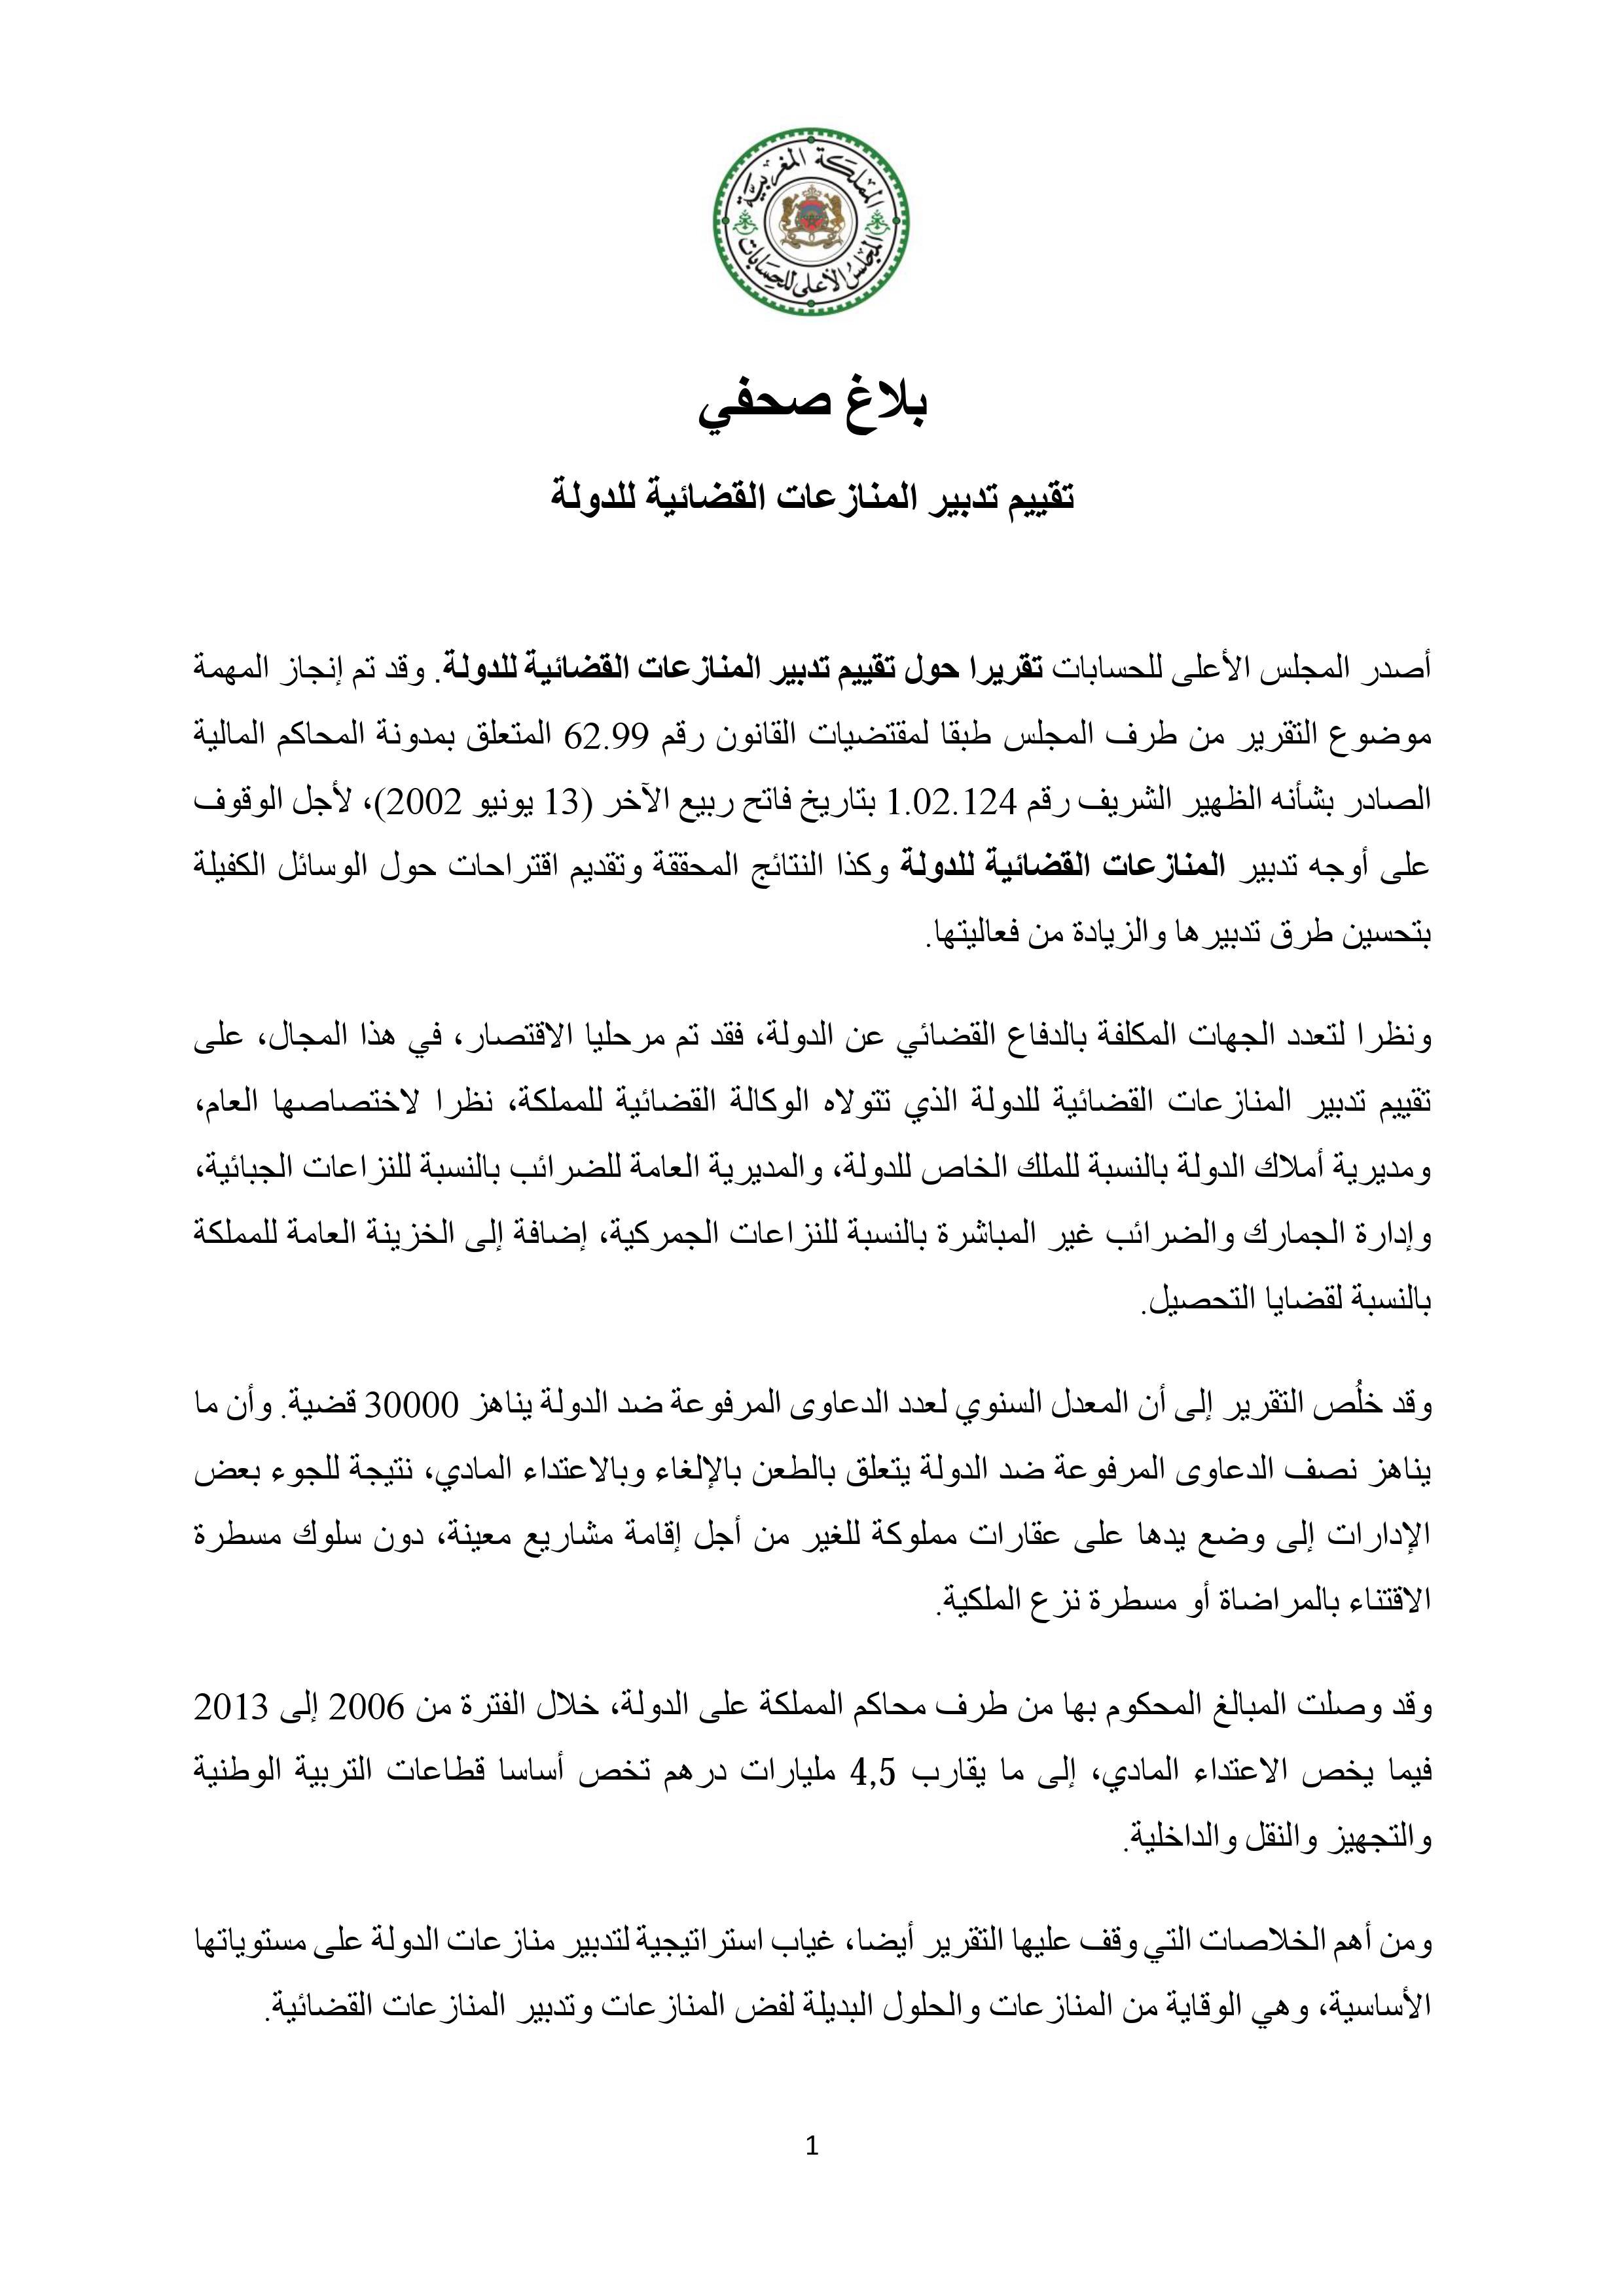 نسخة كاملة من التقرير المتعلق بتقييم تدبير المنازعات القضائية للدولة المنجز من طرف المجلس الأعلى للحسابات